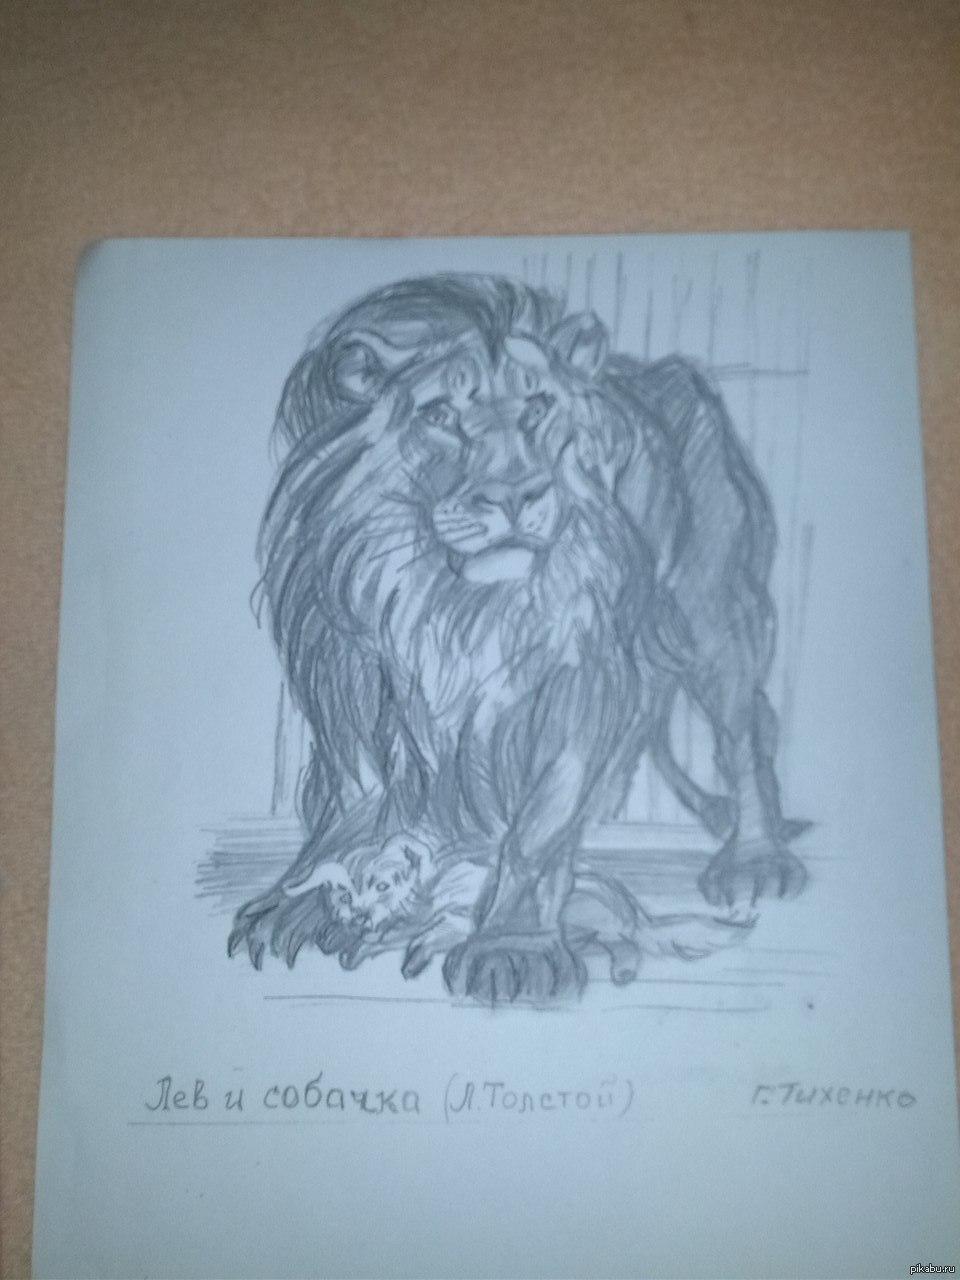 нарисовать рисунок лев и собачка поиске дополнительного, основного